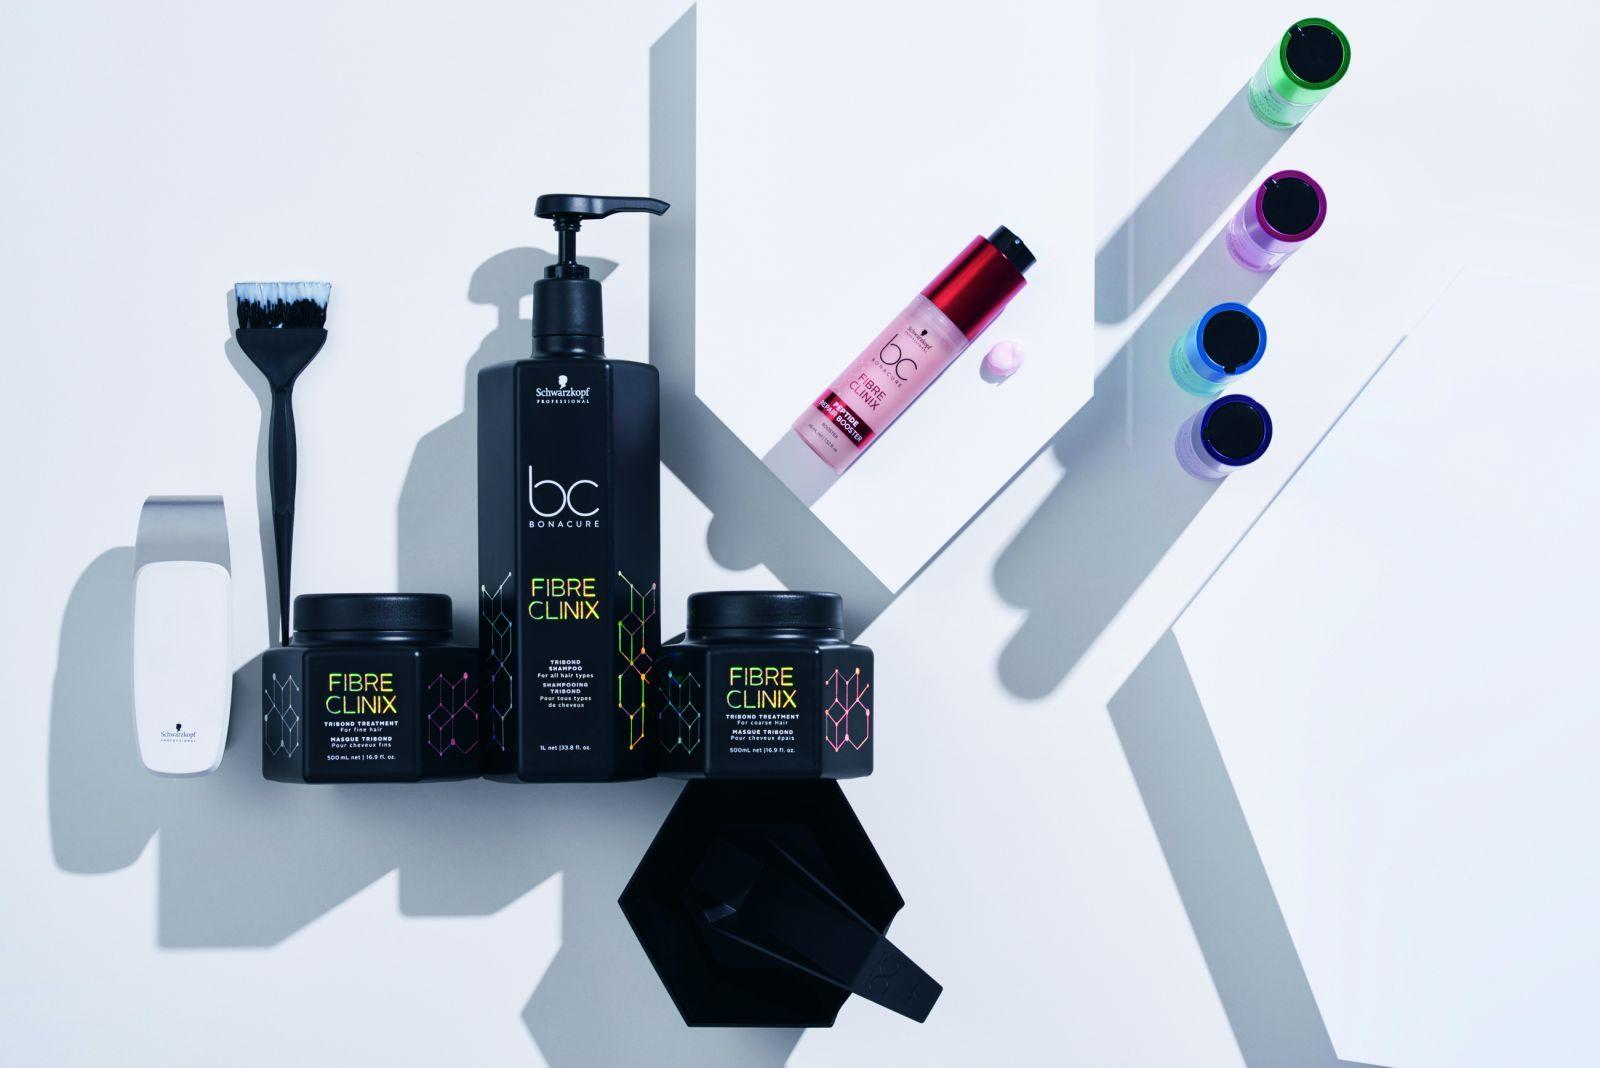 A BC Fibre Clinix mérföldkövet jelent a haj regenerálásában az ÚJ Triple Bonding és C21 technológiáknak, a maximálisan személyre szabott szolgáltatásoknak és korszakalkotó eszközöknek köszönhetően.<br /> <br />